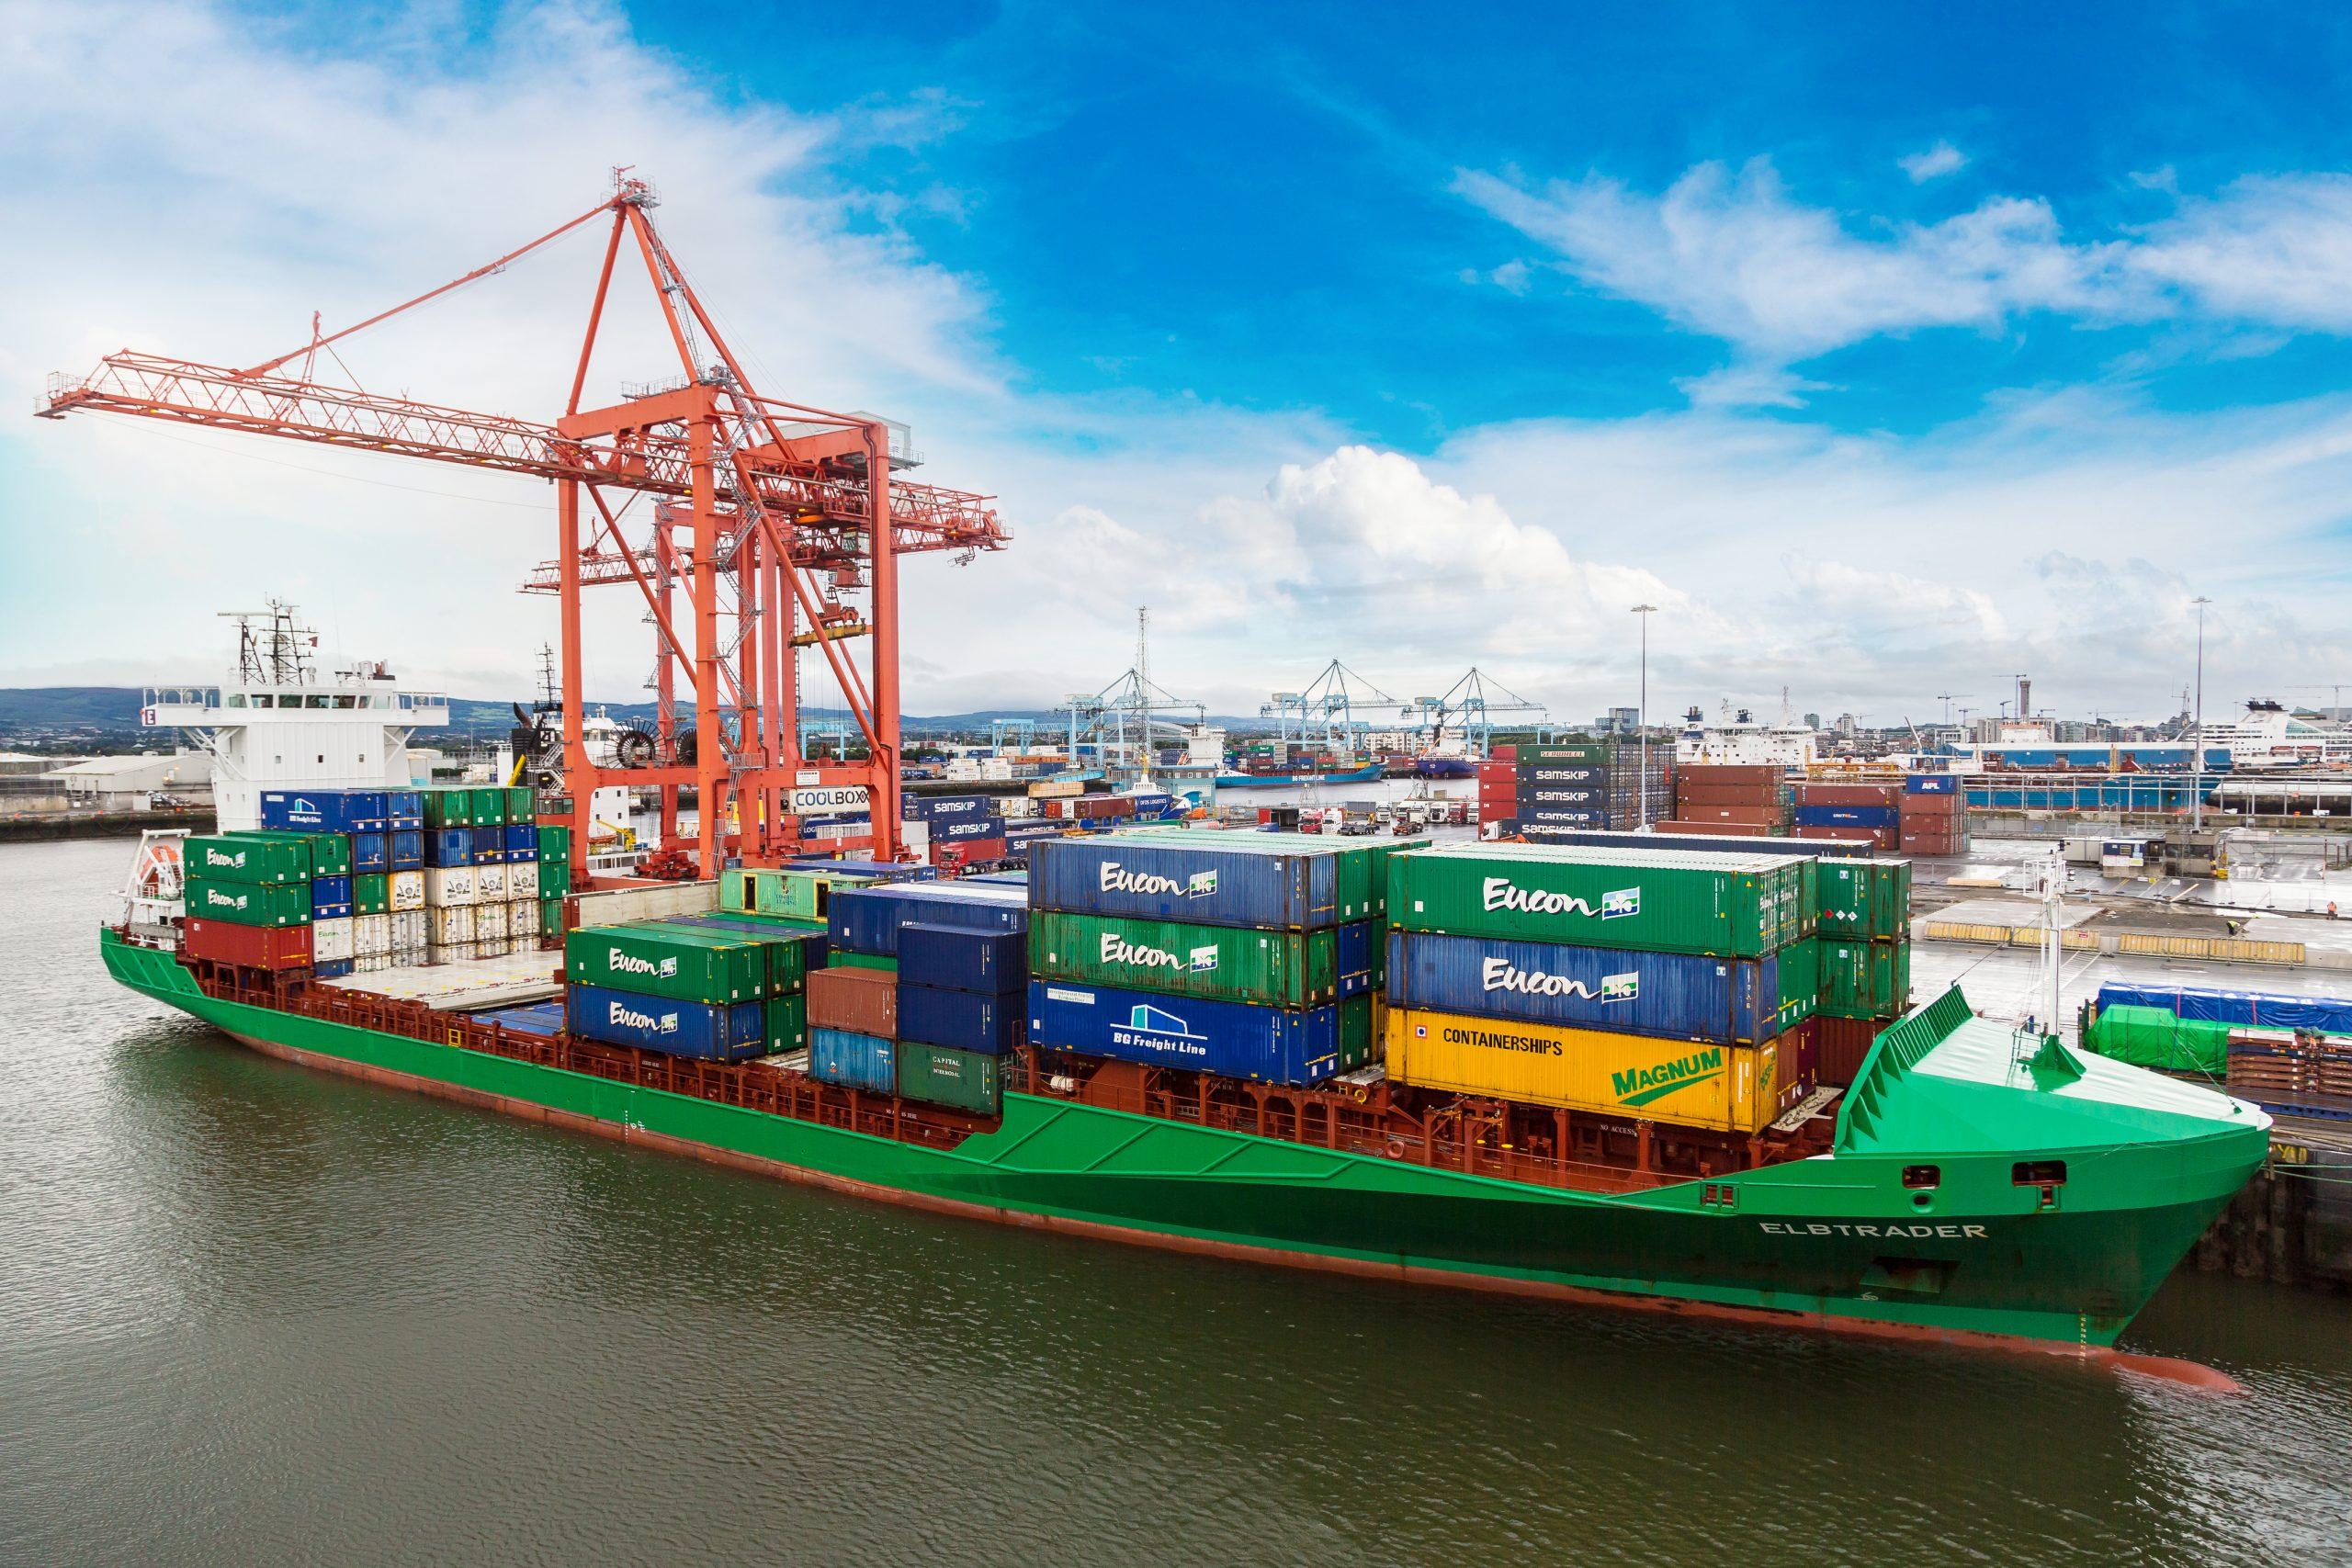 Revenue seize tobacco worth over €2.4 million at Dublin Port